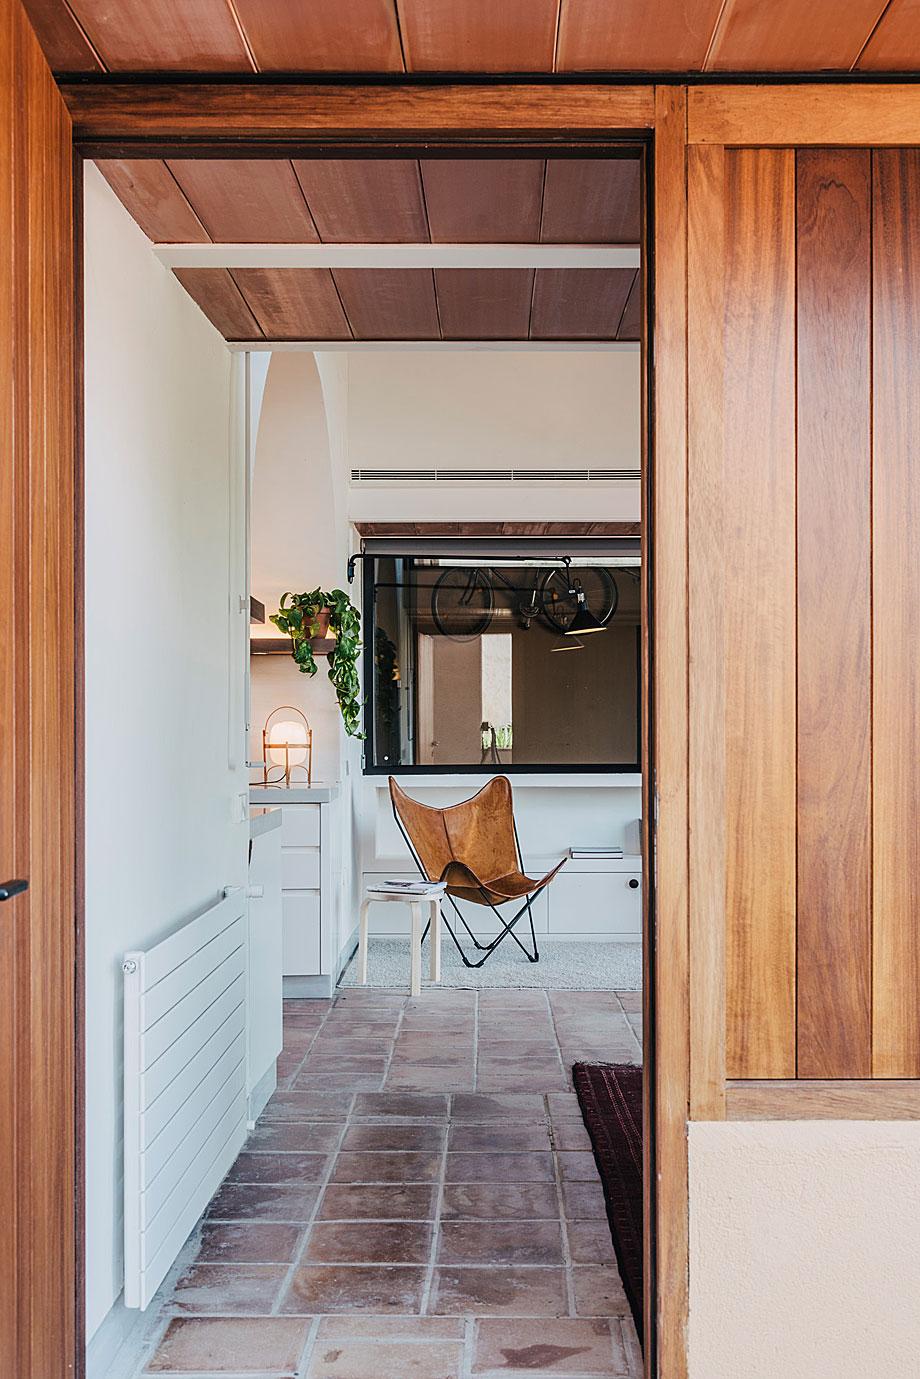 mesura-architecture-sant-mori-ampliacion-girona-housing-project-spain-arquitectura-17